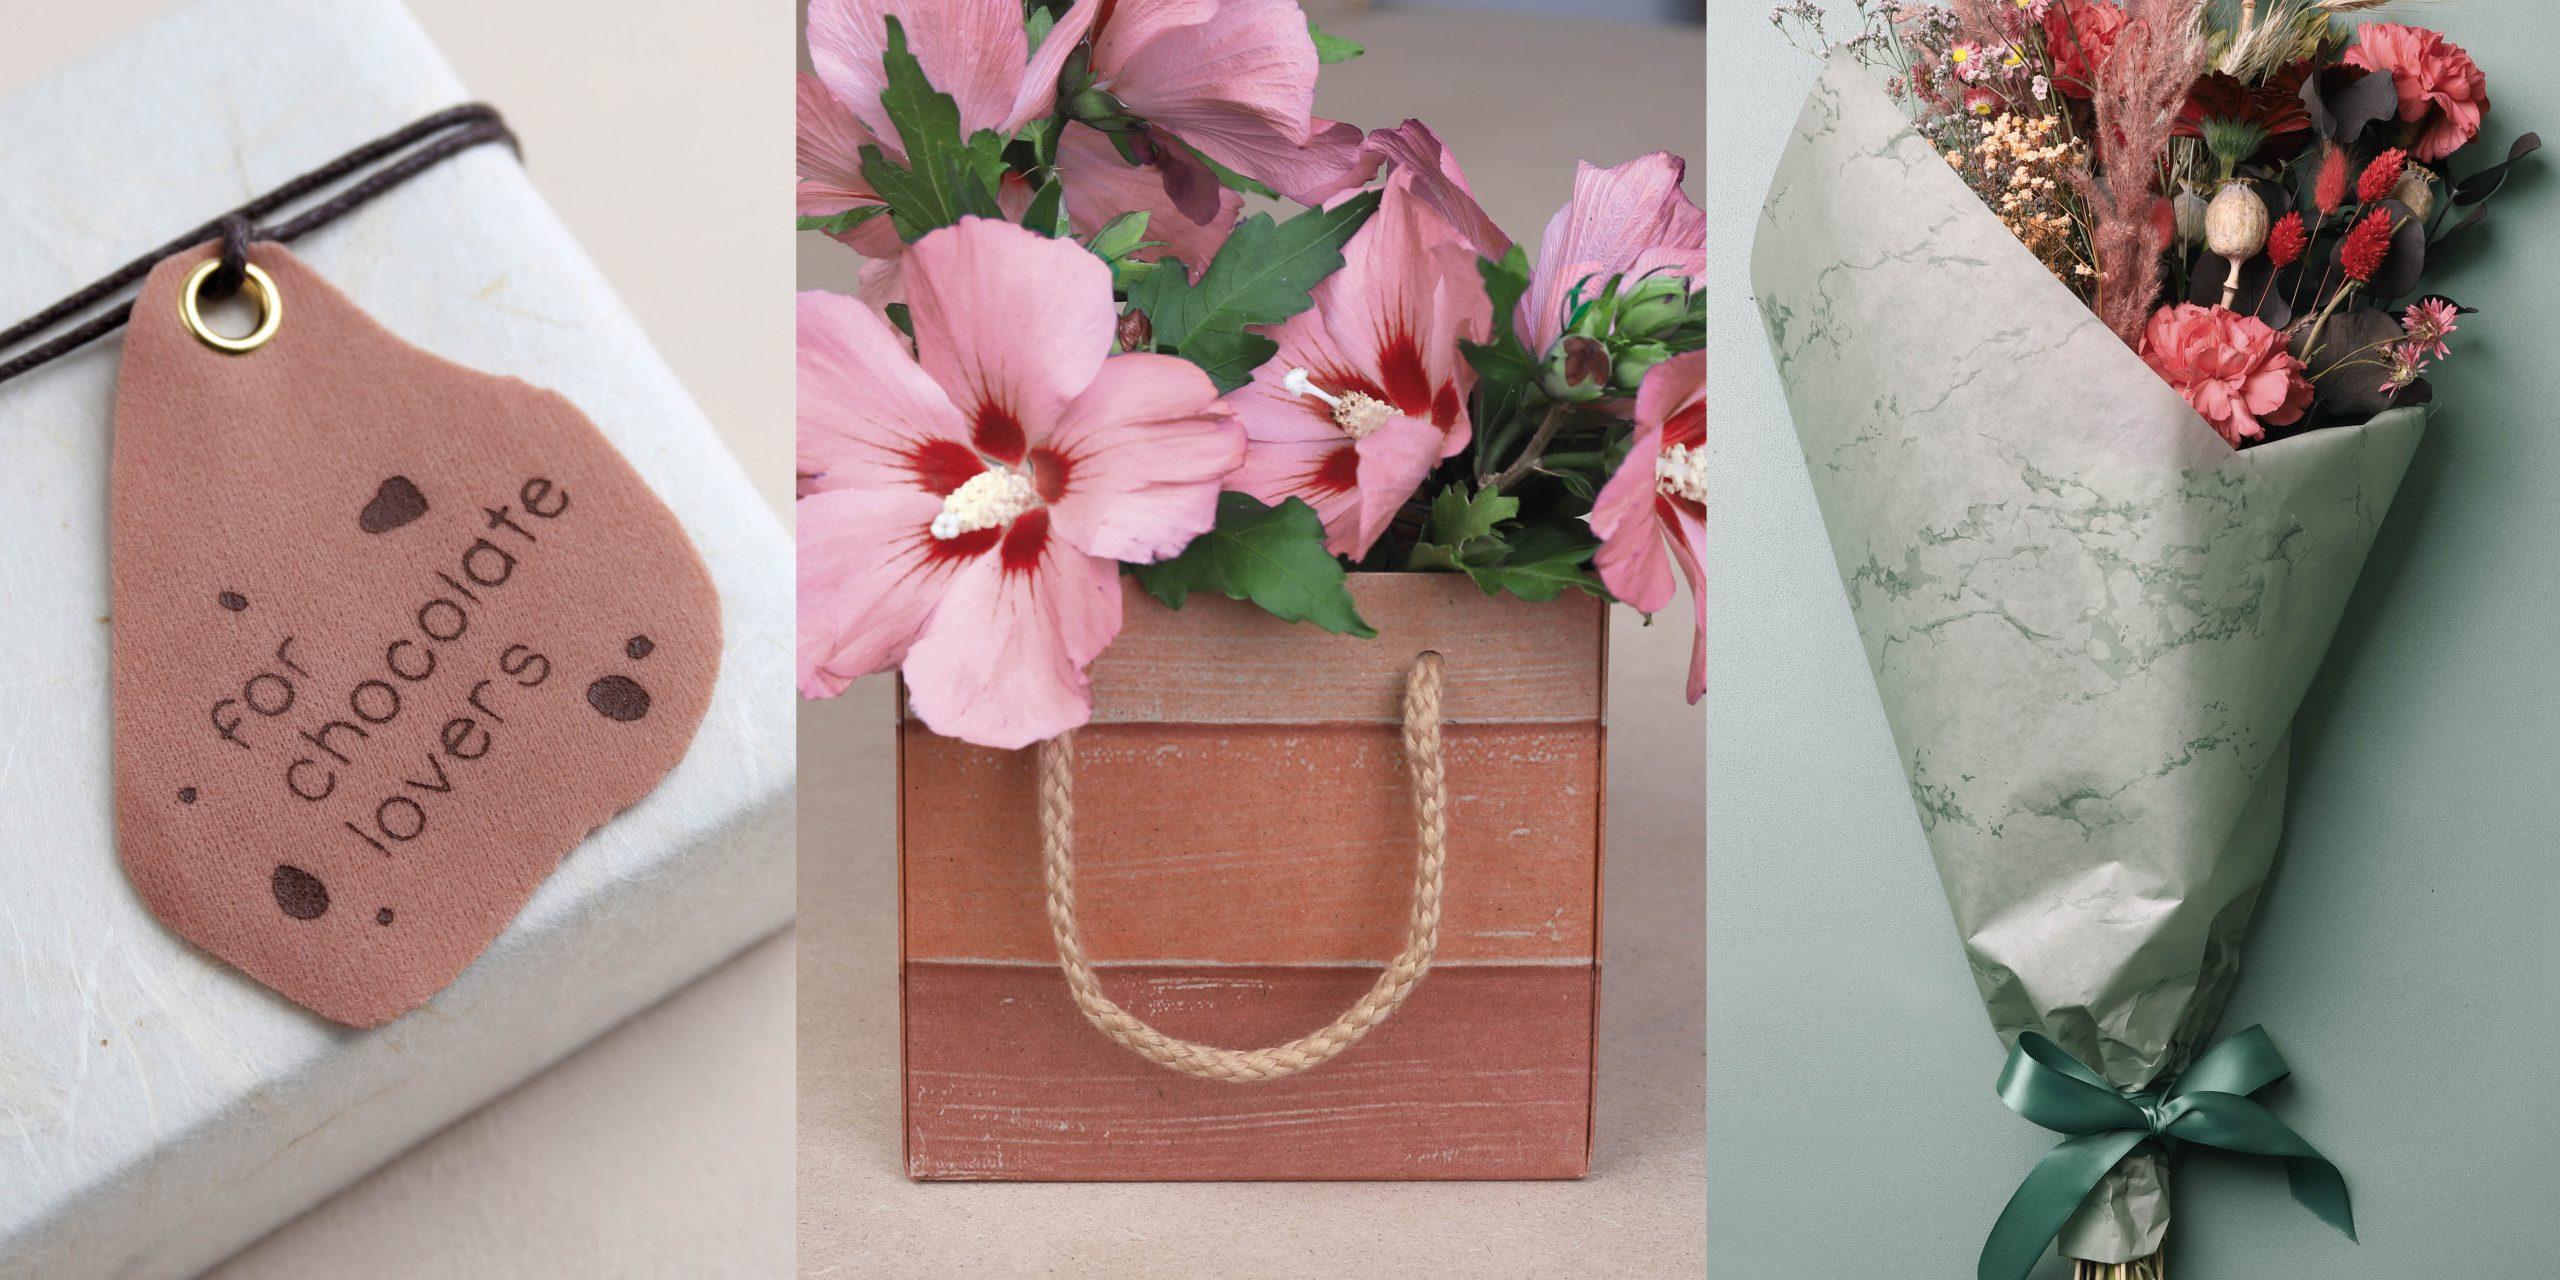 Bloemverpakkingen en chocoladeverpakkingen voor valentijn